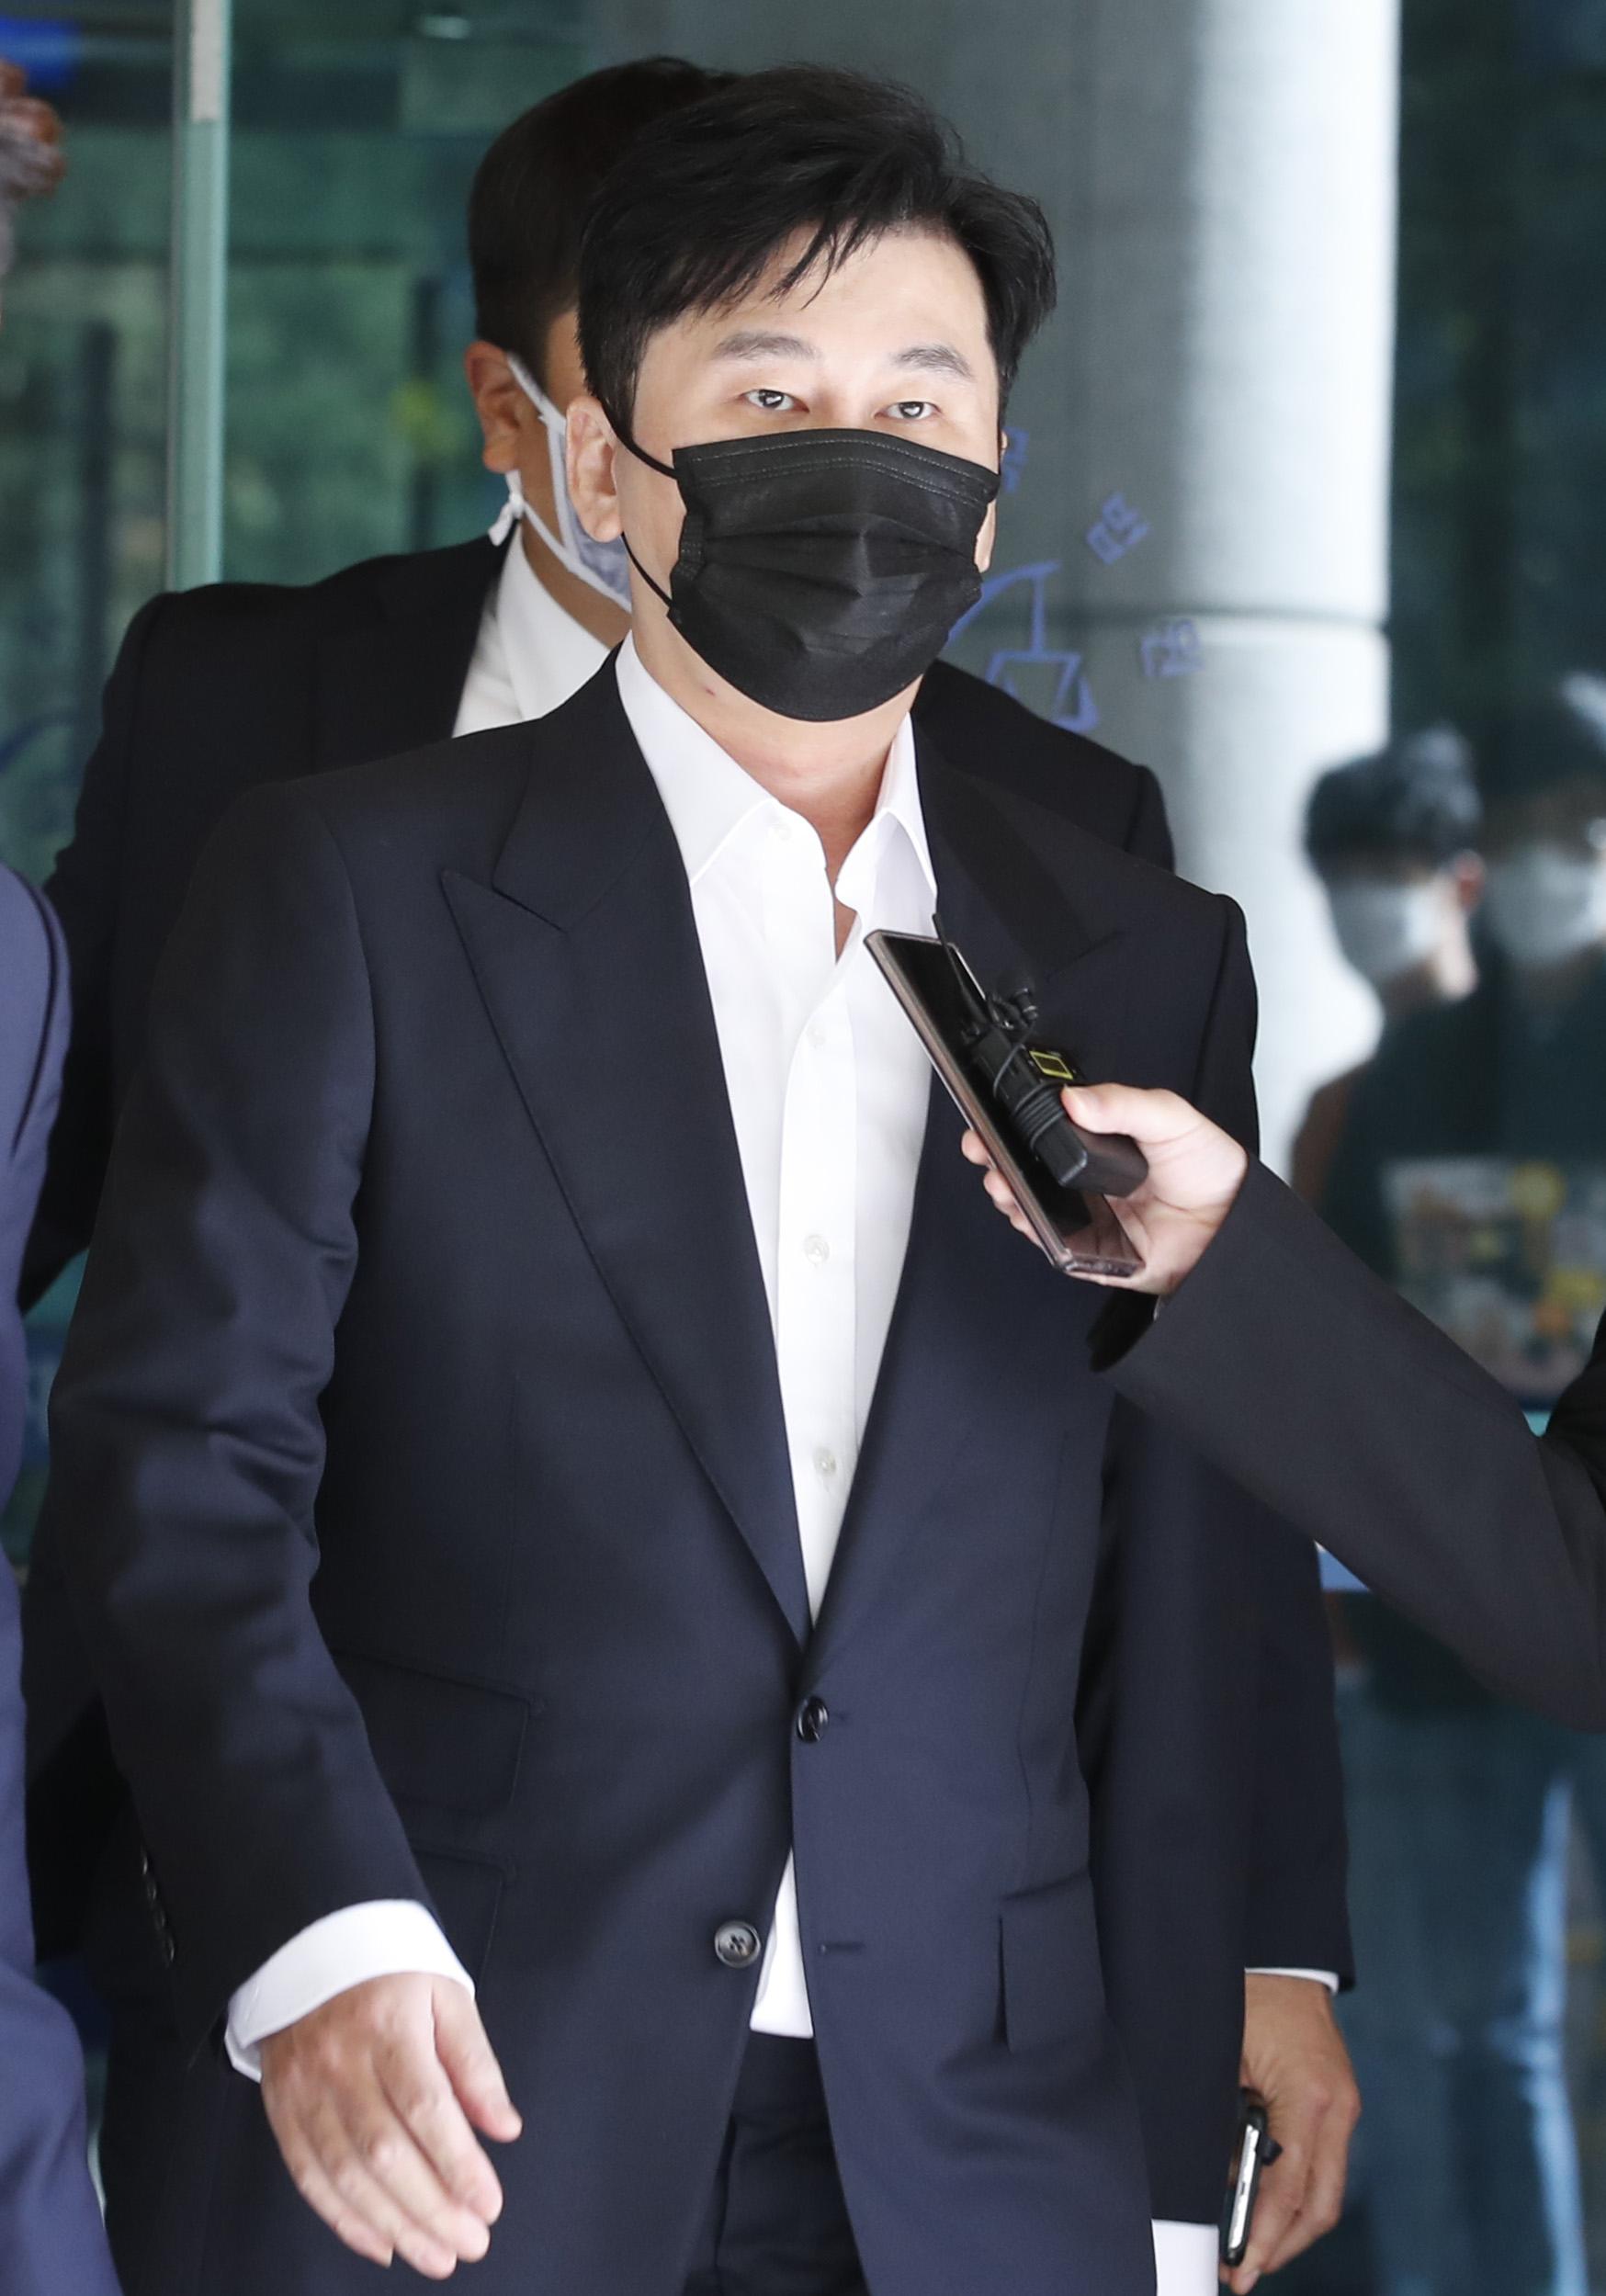 원정도박 양현석 벌금 1000만원 구형...친목 도모했을 뿐